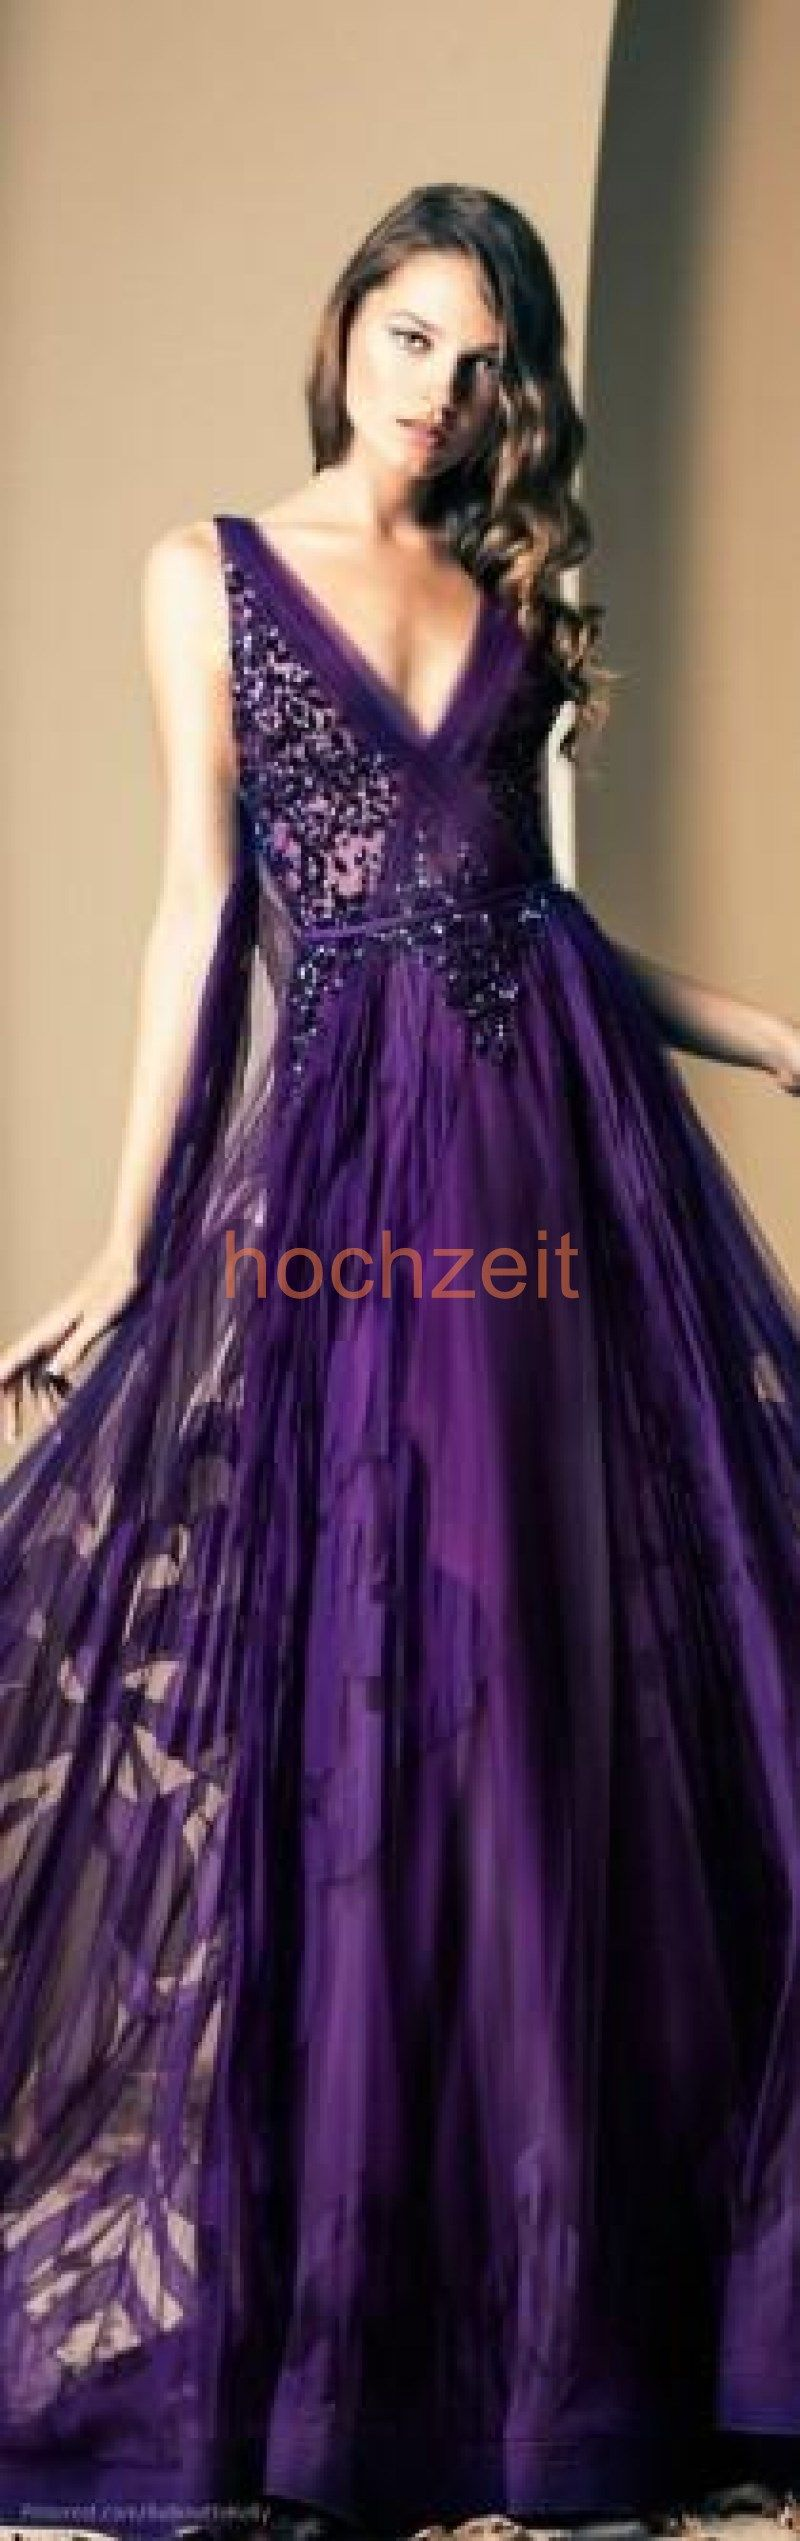 hochzeitskleid esprit  Beautiful dresses, Gorgeous dresses, Gowns